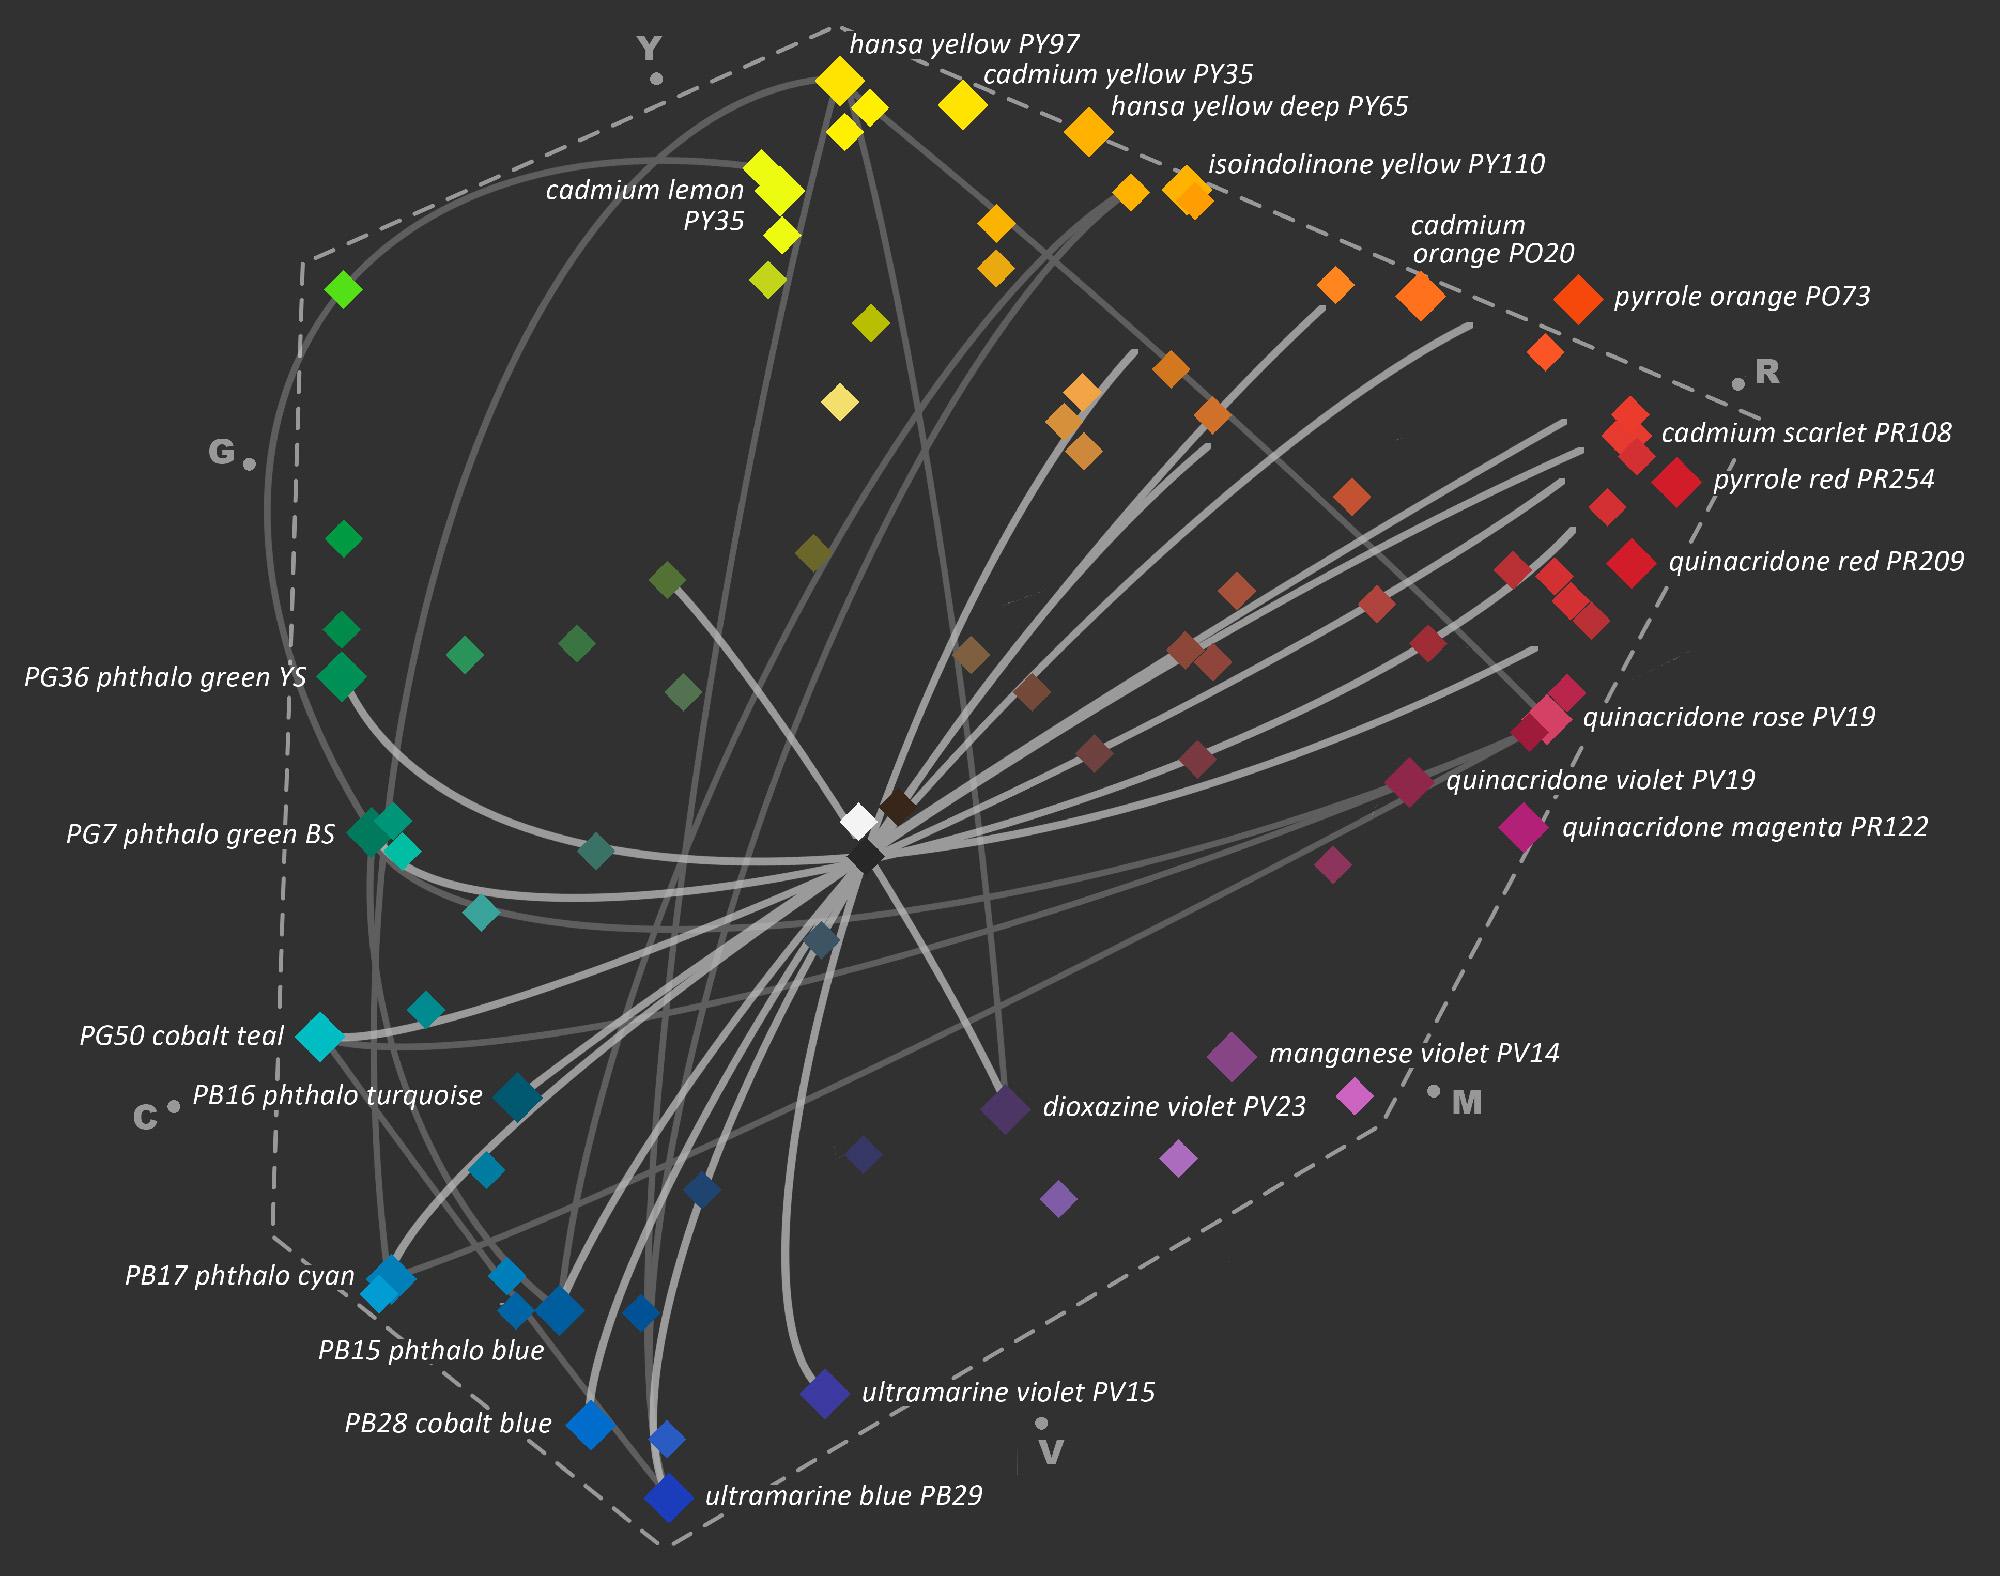 Grafiek kleurruimte - Pigmentcode en naam - Intensiteit - verbindingslijn complementaire.